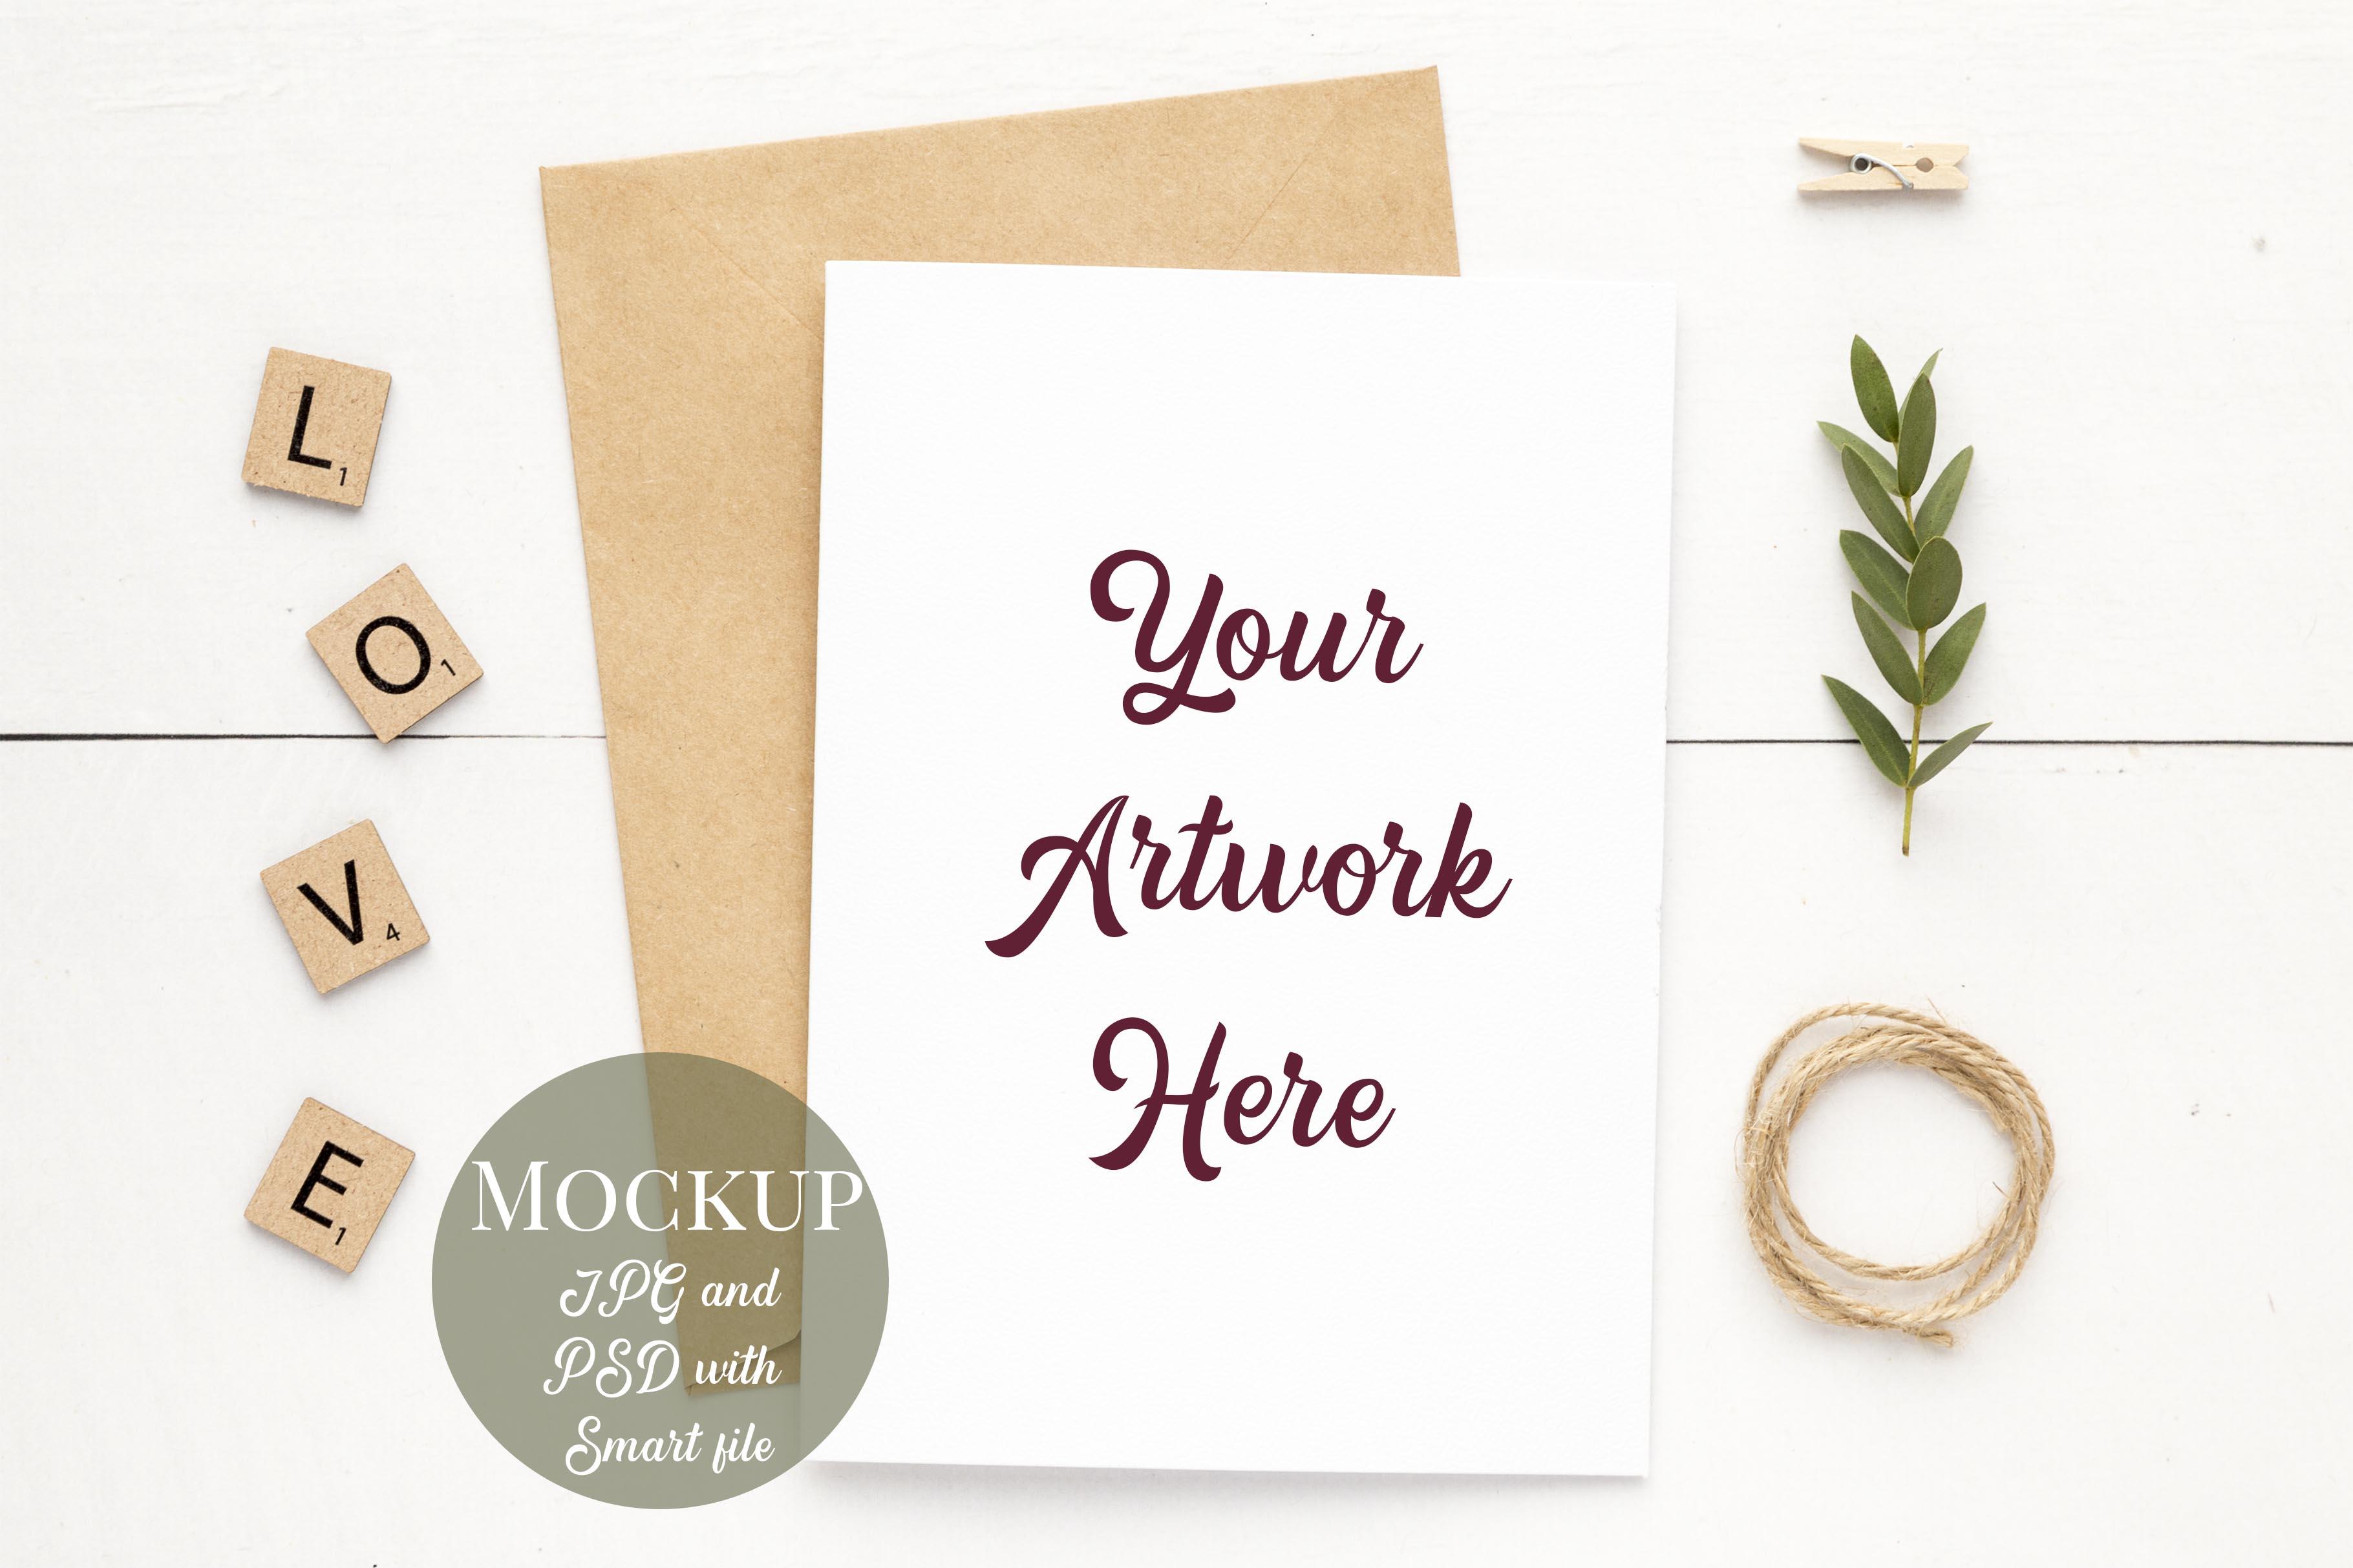 Bundle of 8 Mockups - Card, Frame and Mug Mockups example image 8